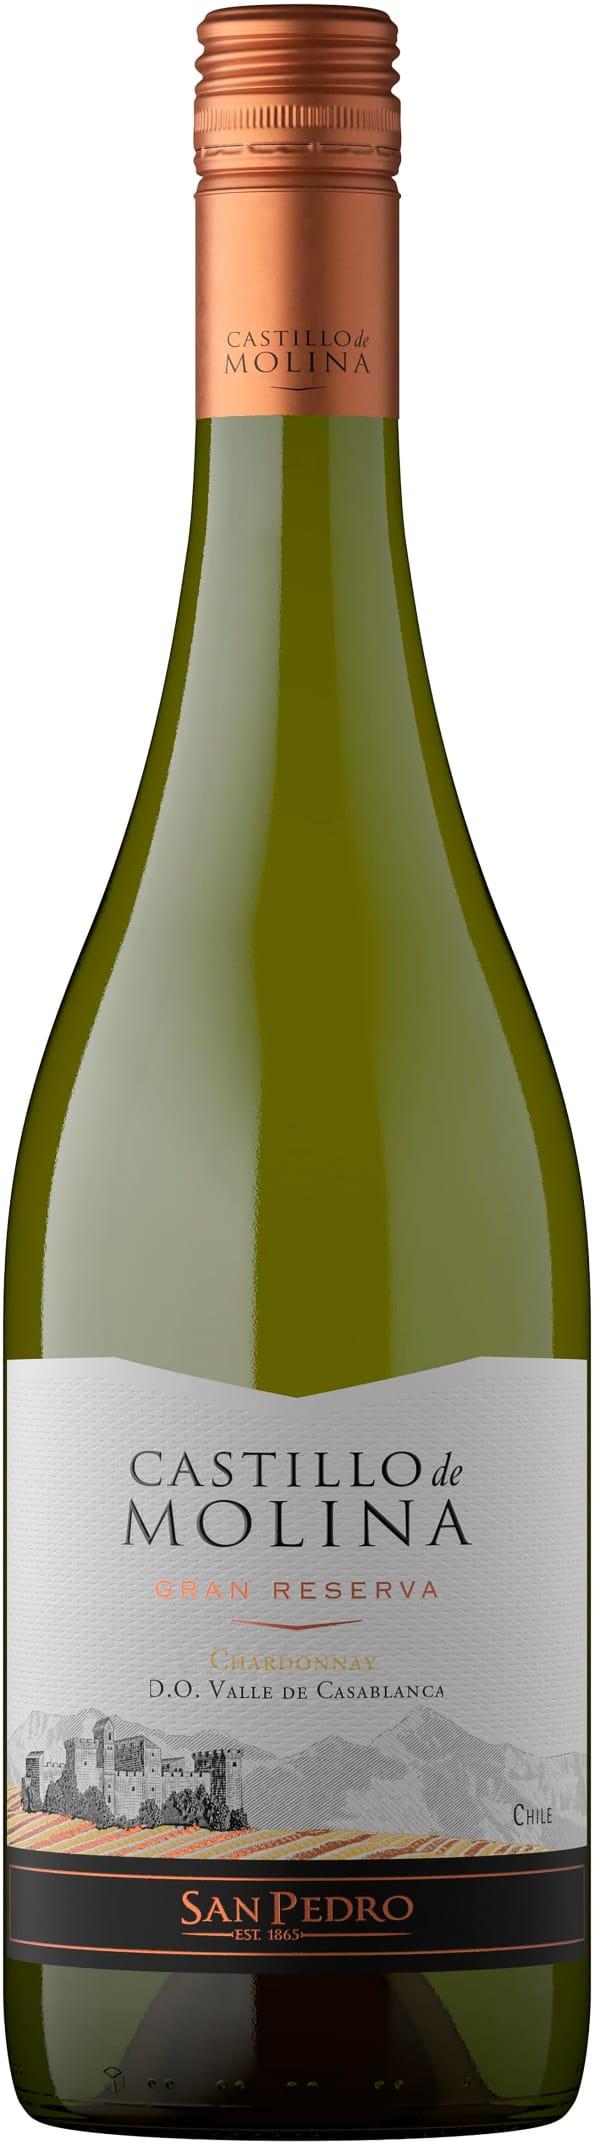 Castillo de Molina Reserva Chardonnay 2017